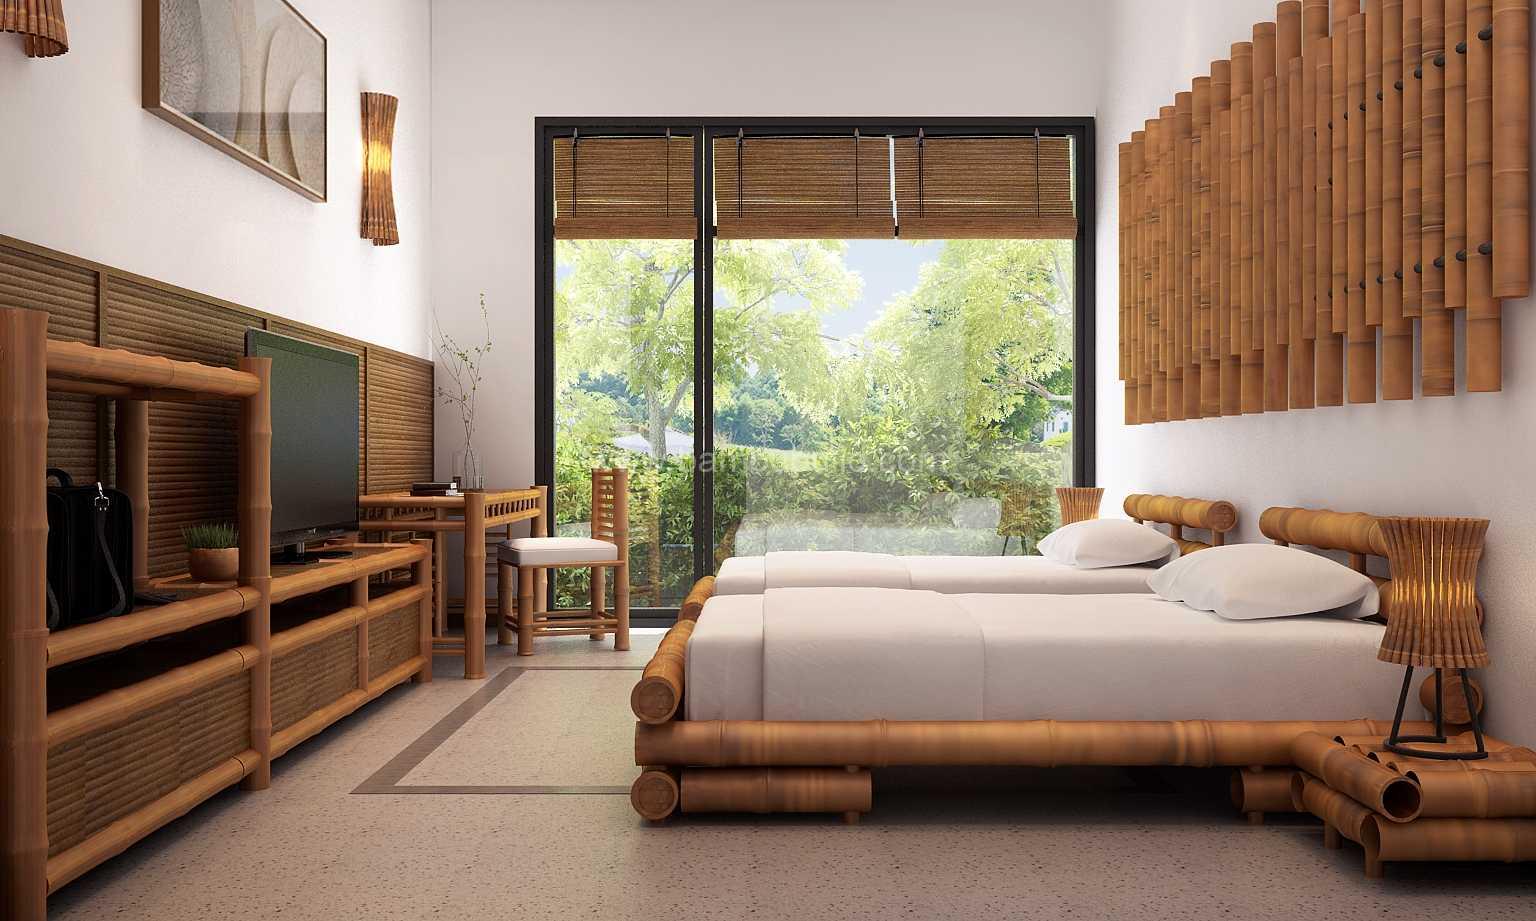 Бамбуковые обои: фото, видео, преимущества и недостатки